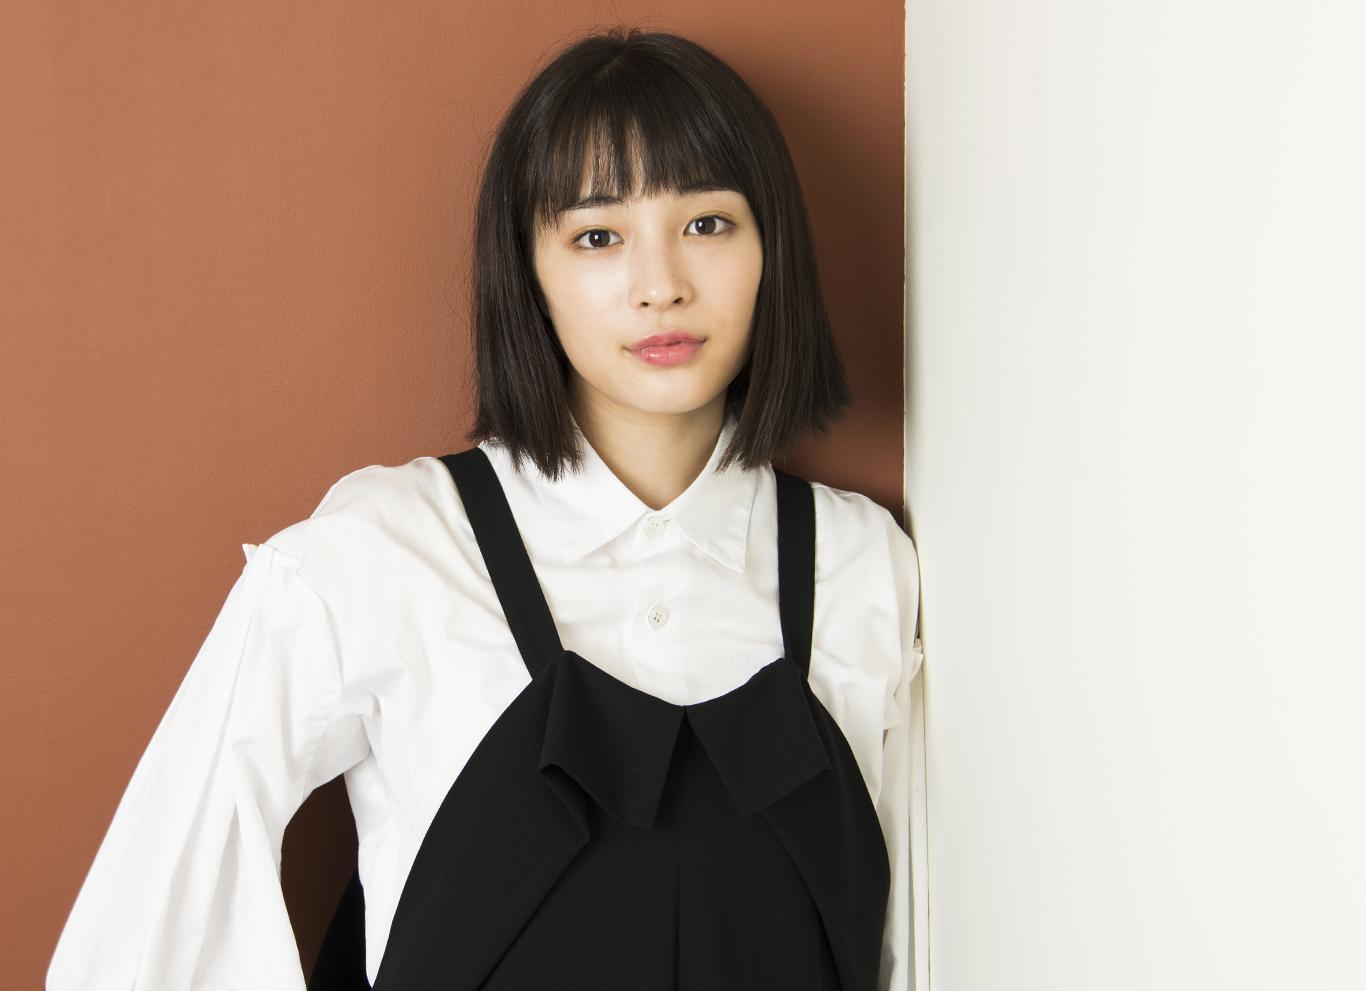 広瀬すず、生田斗真を相手に甘酸っぱい初恋におぼれる…?